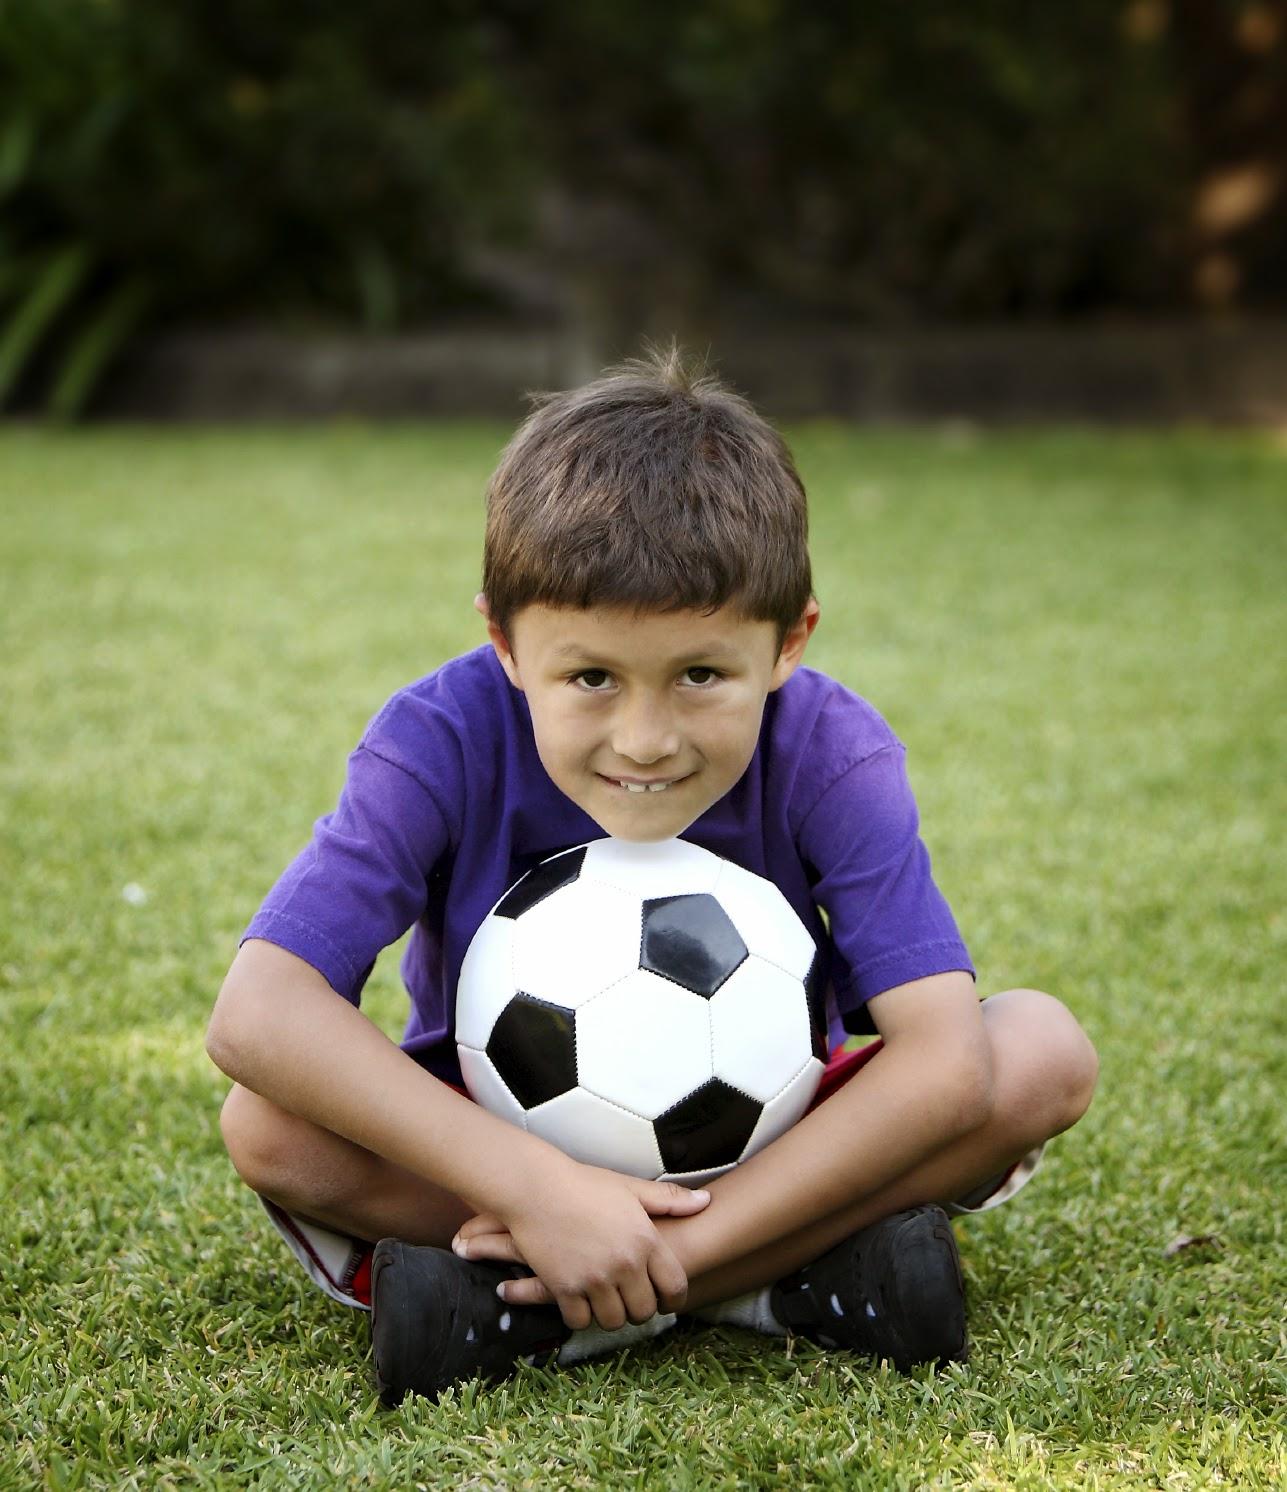 Gay dad soccer boy